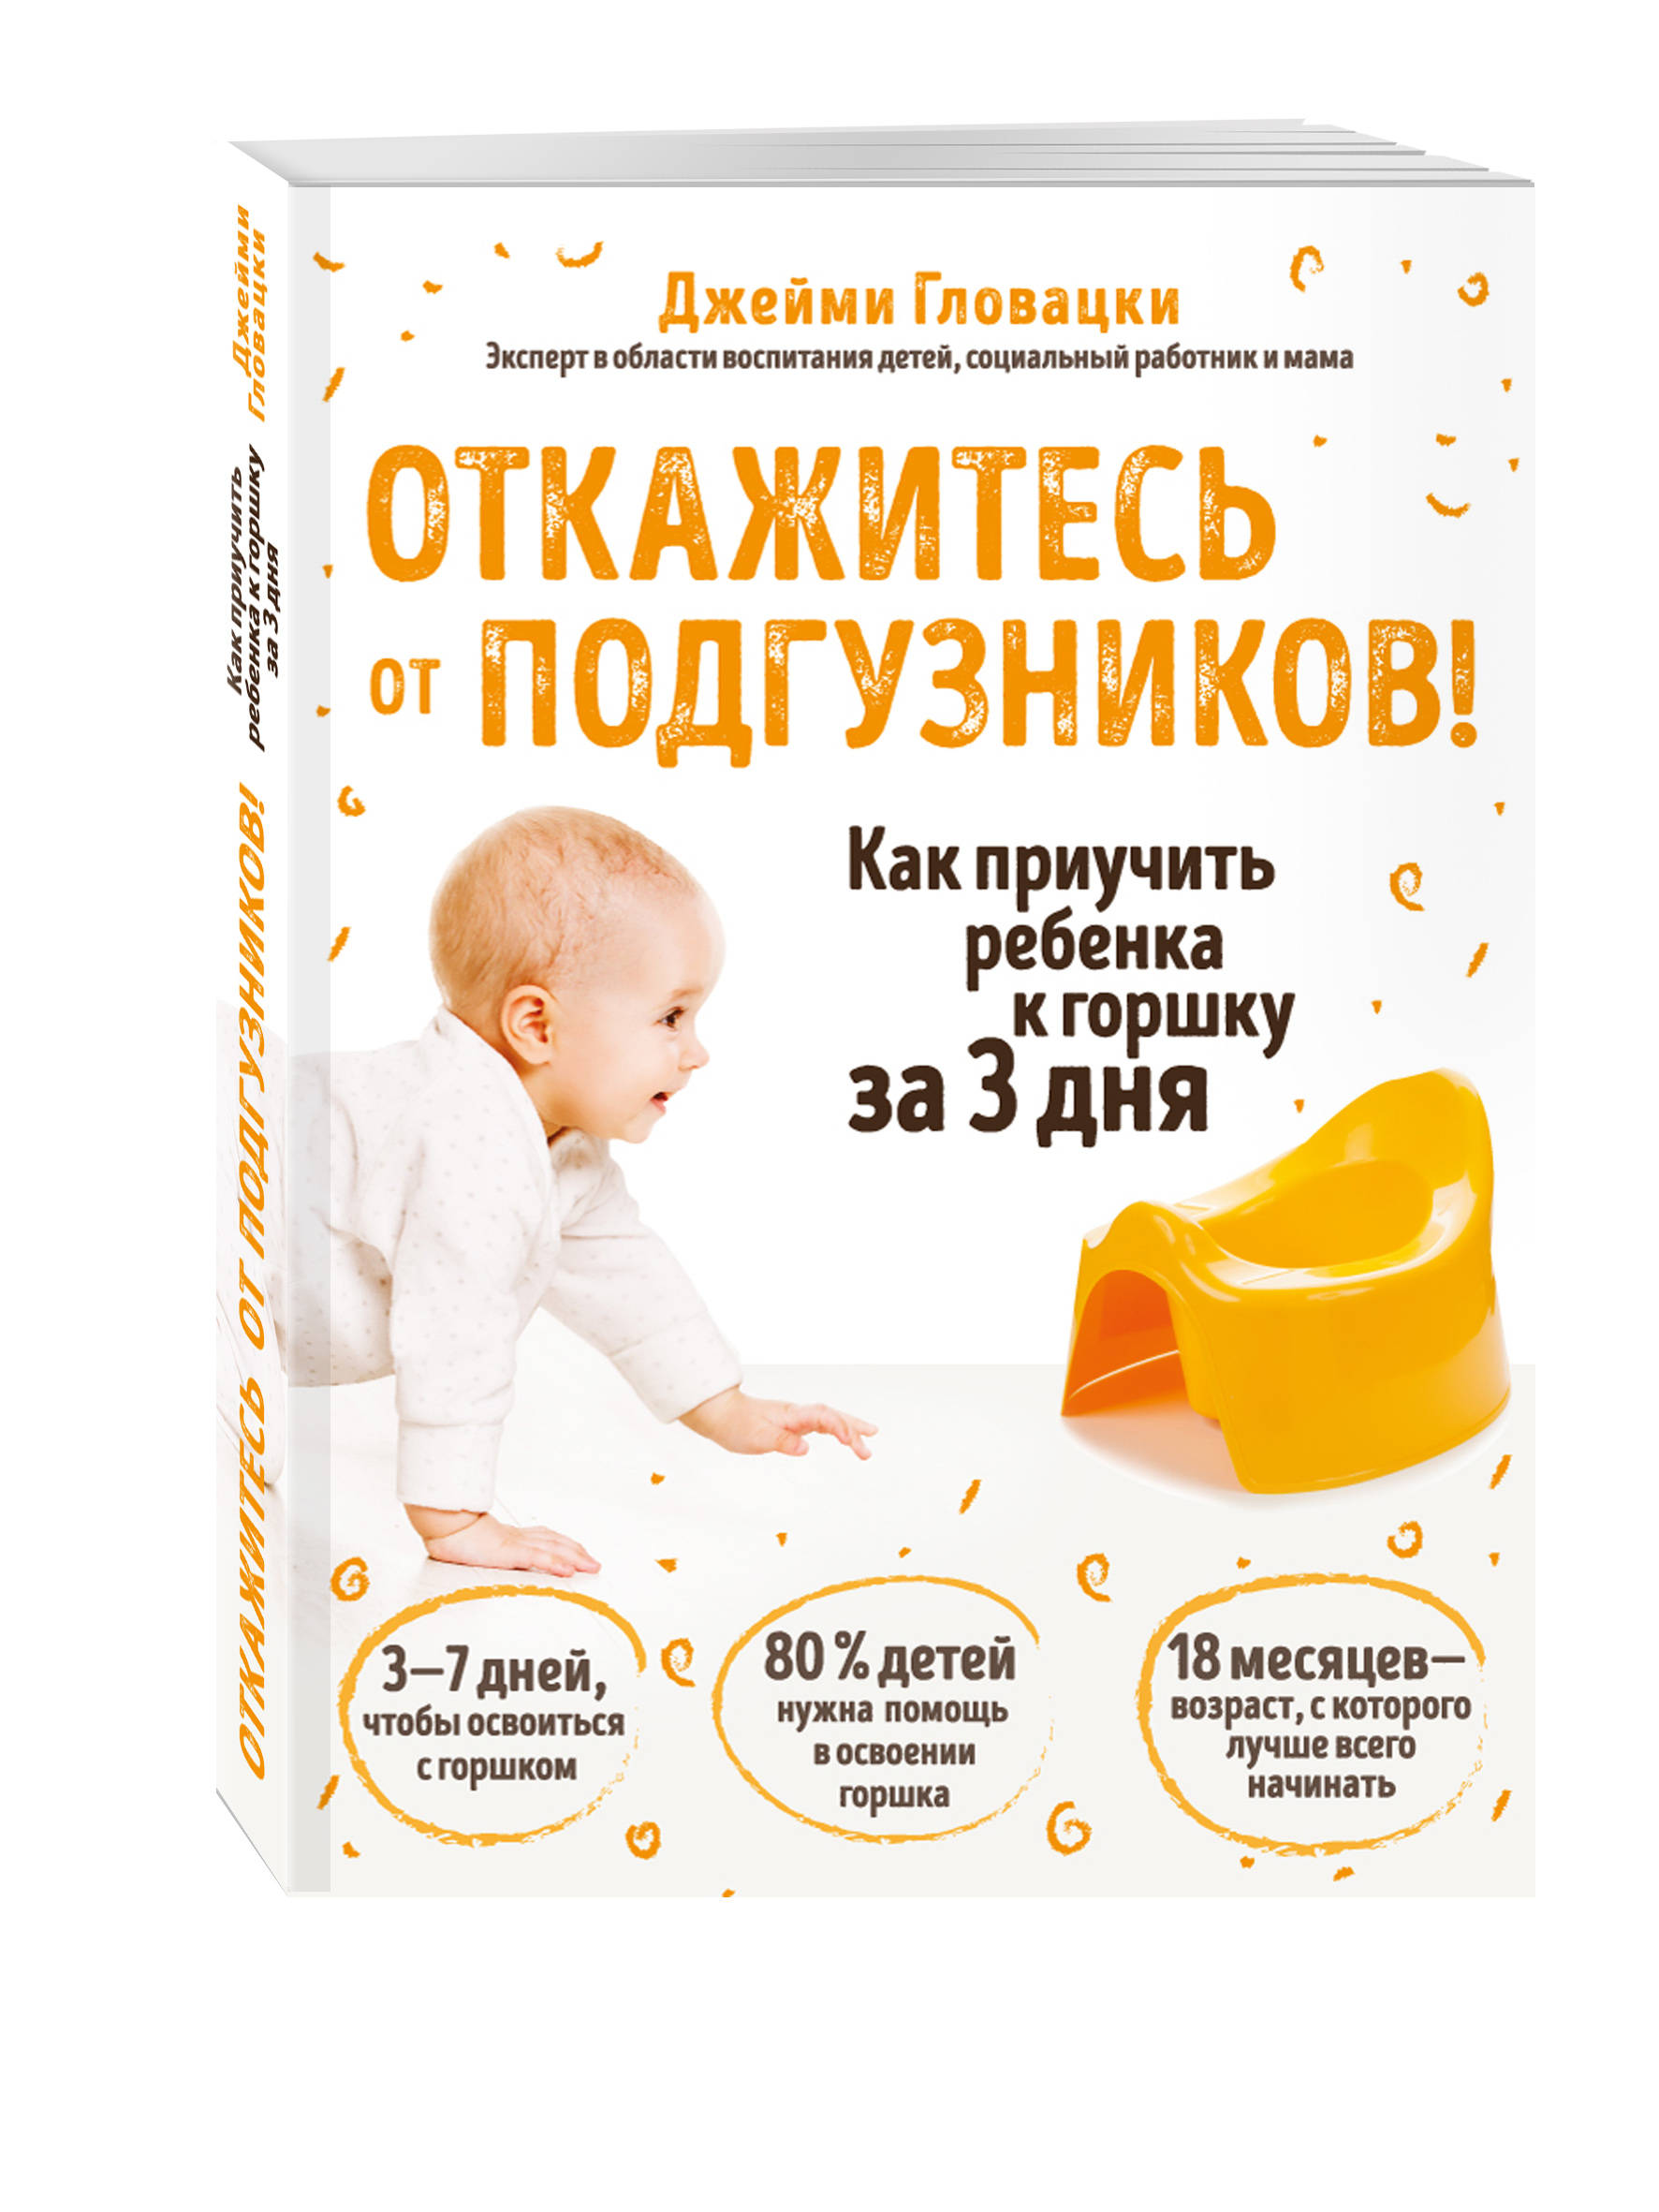 Откажитесь от подгузников! Как приучить ребенка к горшку за 3 дня